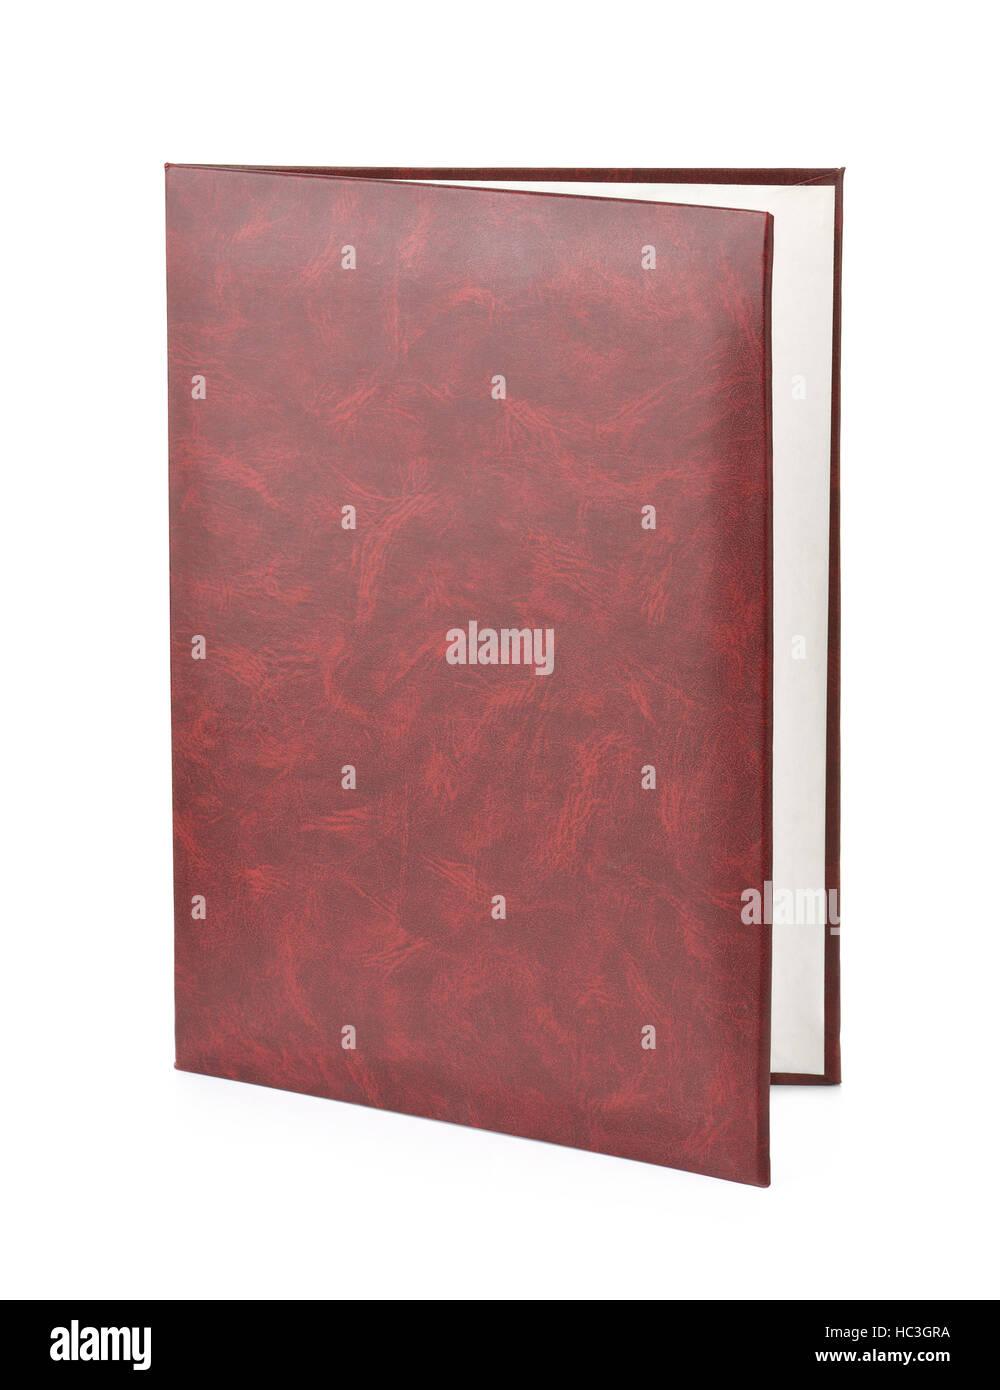 Leather document folder isolated on white - Stock Image